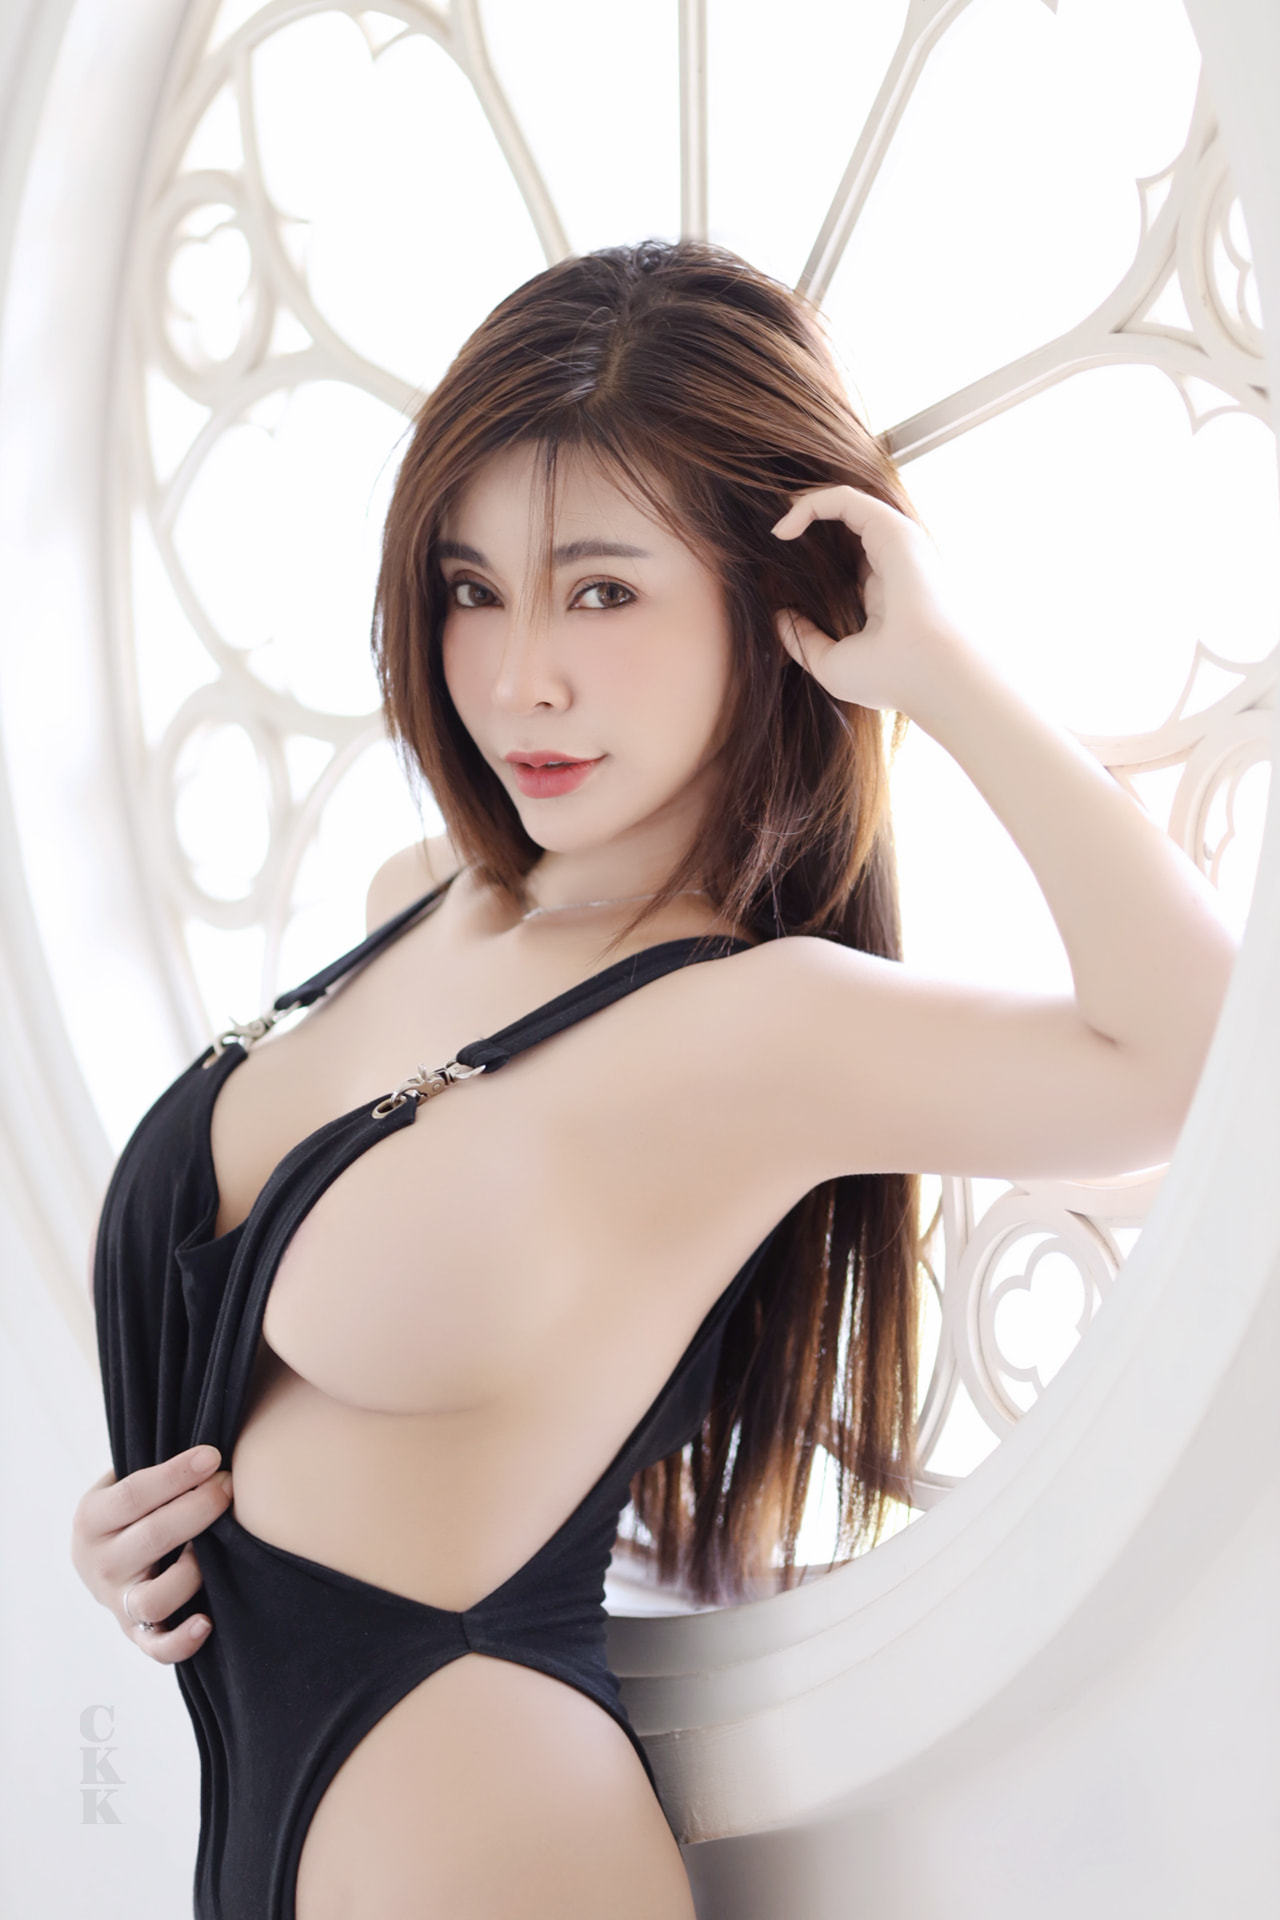 น้องเบนจิ ขาว สวย เซ็กซี่ พร้อมกับลูกแตงโมใหญ่ของเธอ